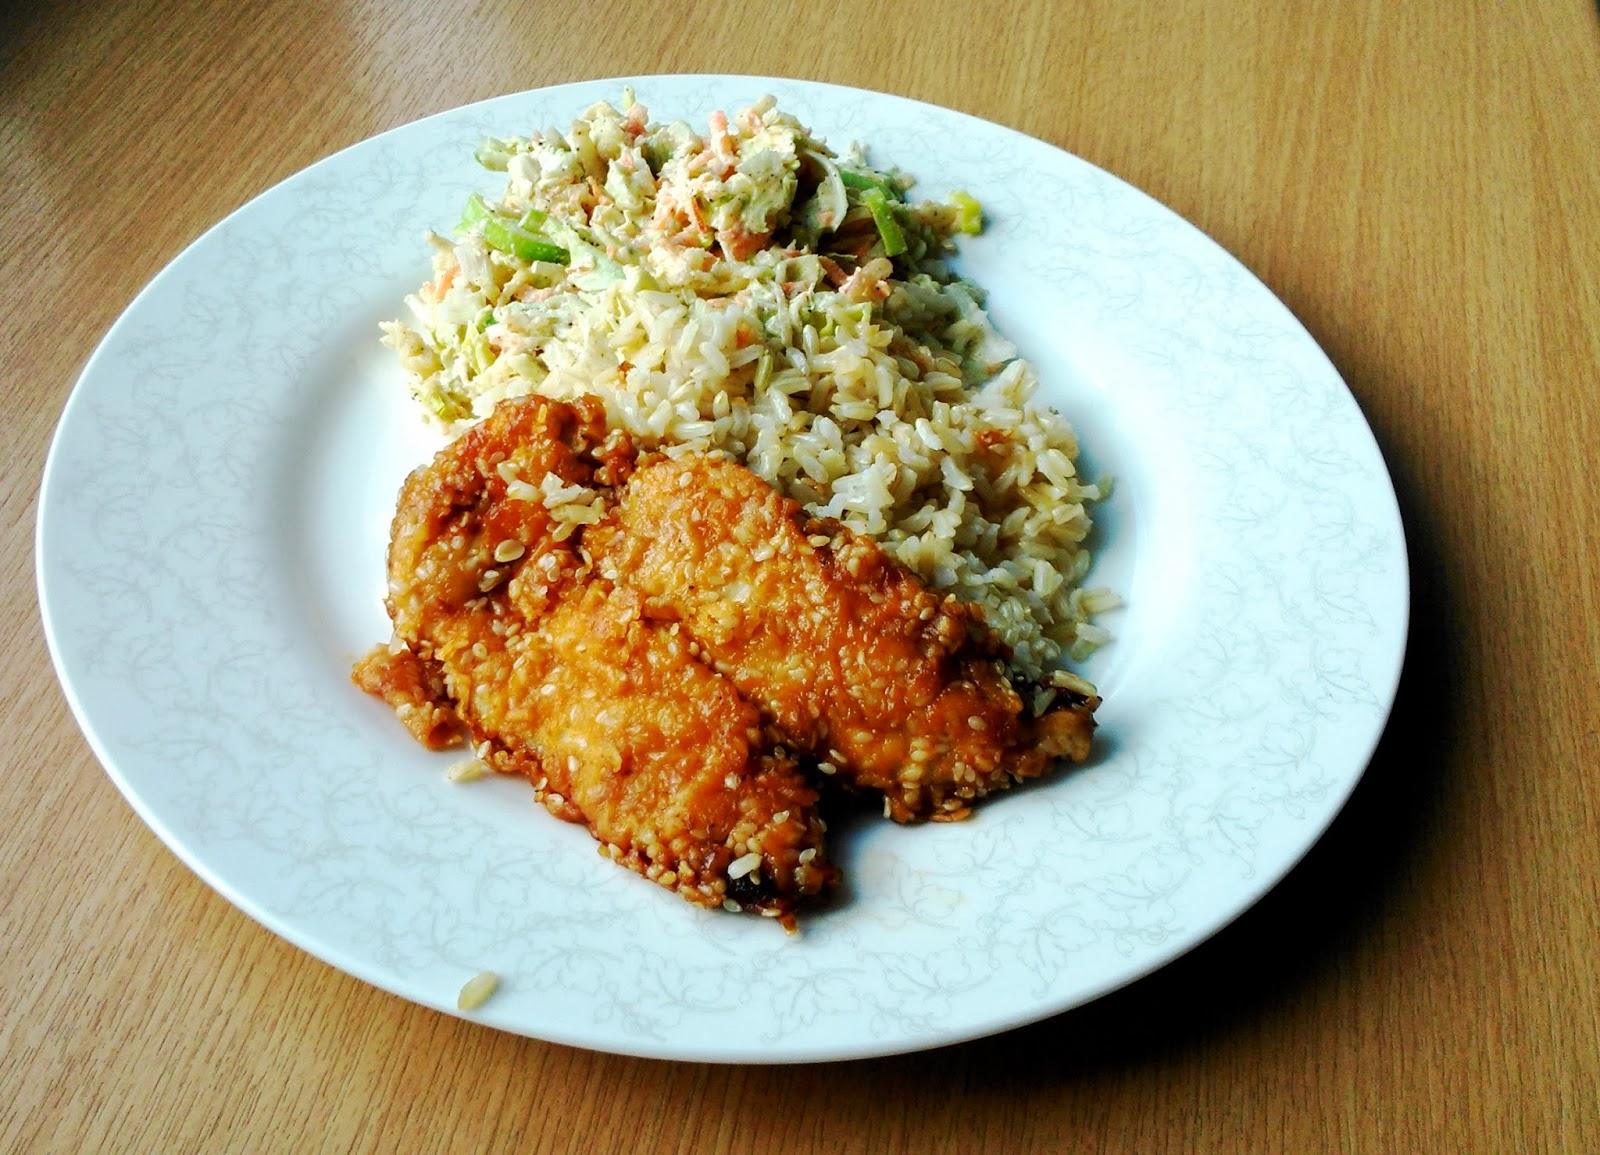 Filety z kurczaka z dzikim ryżem